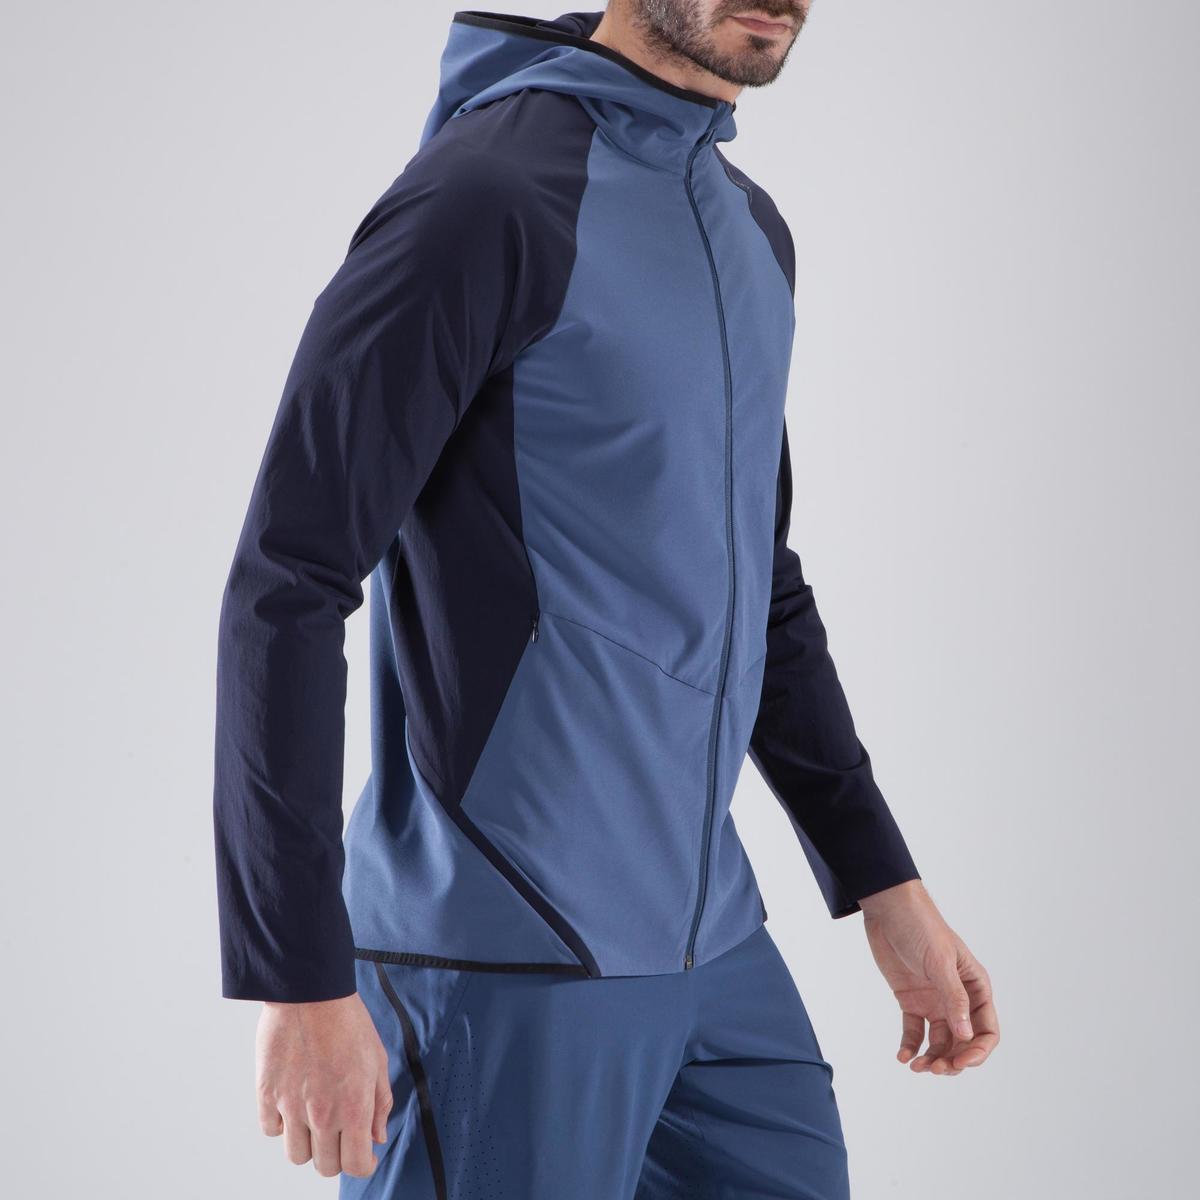 Bild 3 von Trainingsjacke Cardio 900 Herren Fitness blau/schwarz